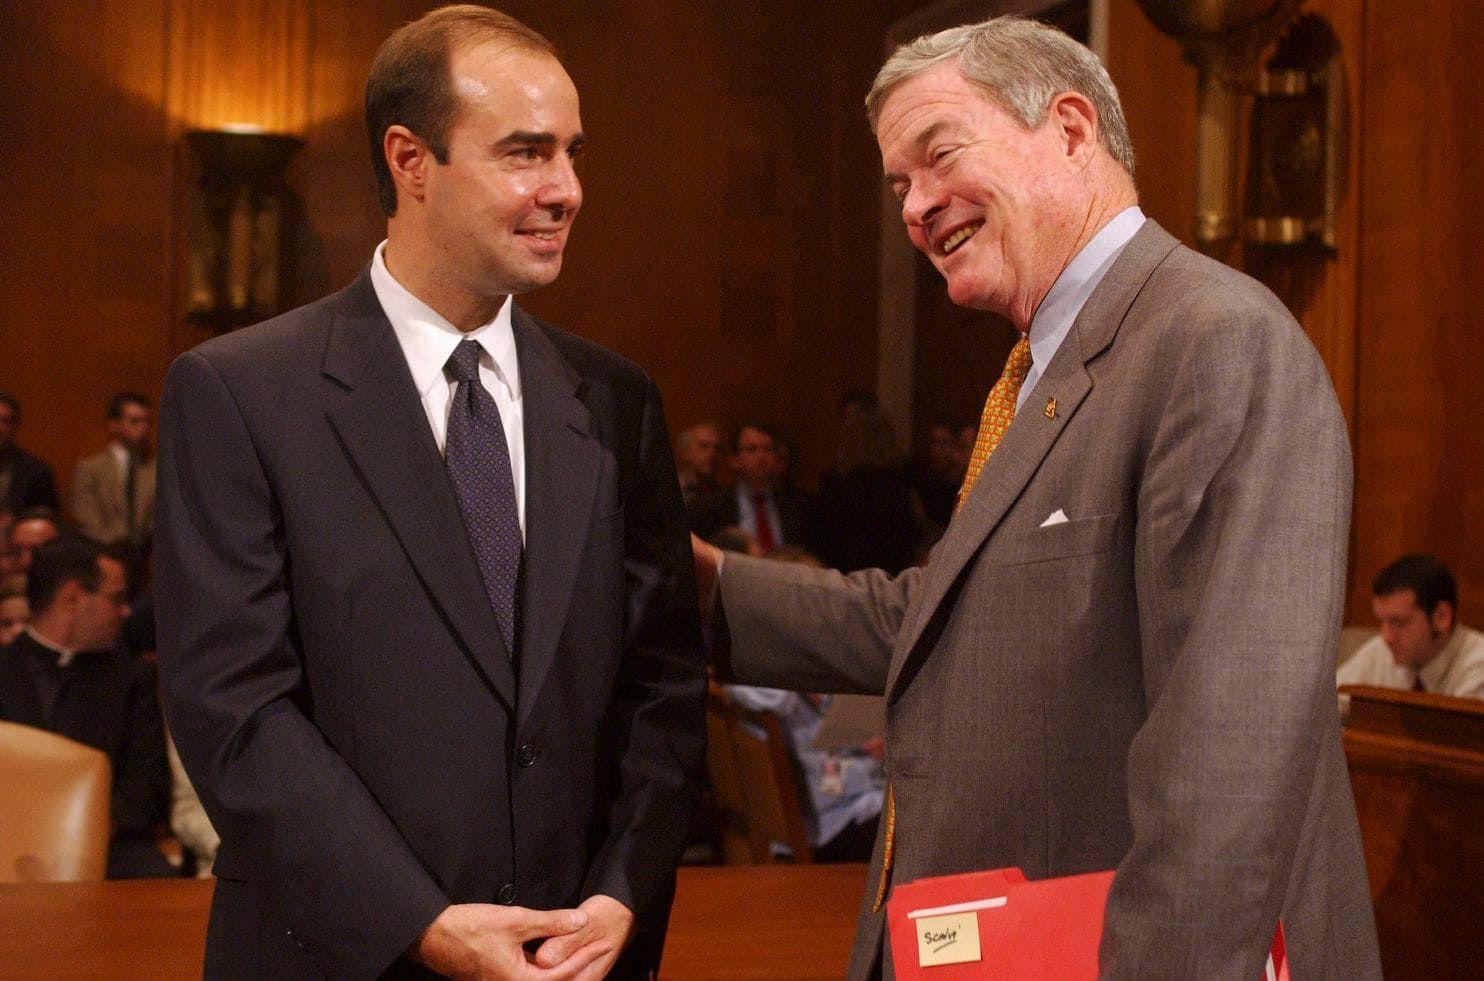 Trump To Nominate Gene Scalia Son Of Late Supreme Court Justice Antonin Scalia For Secretary Of Labor Fox News With Images Supreme Court Justices Supreme Court